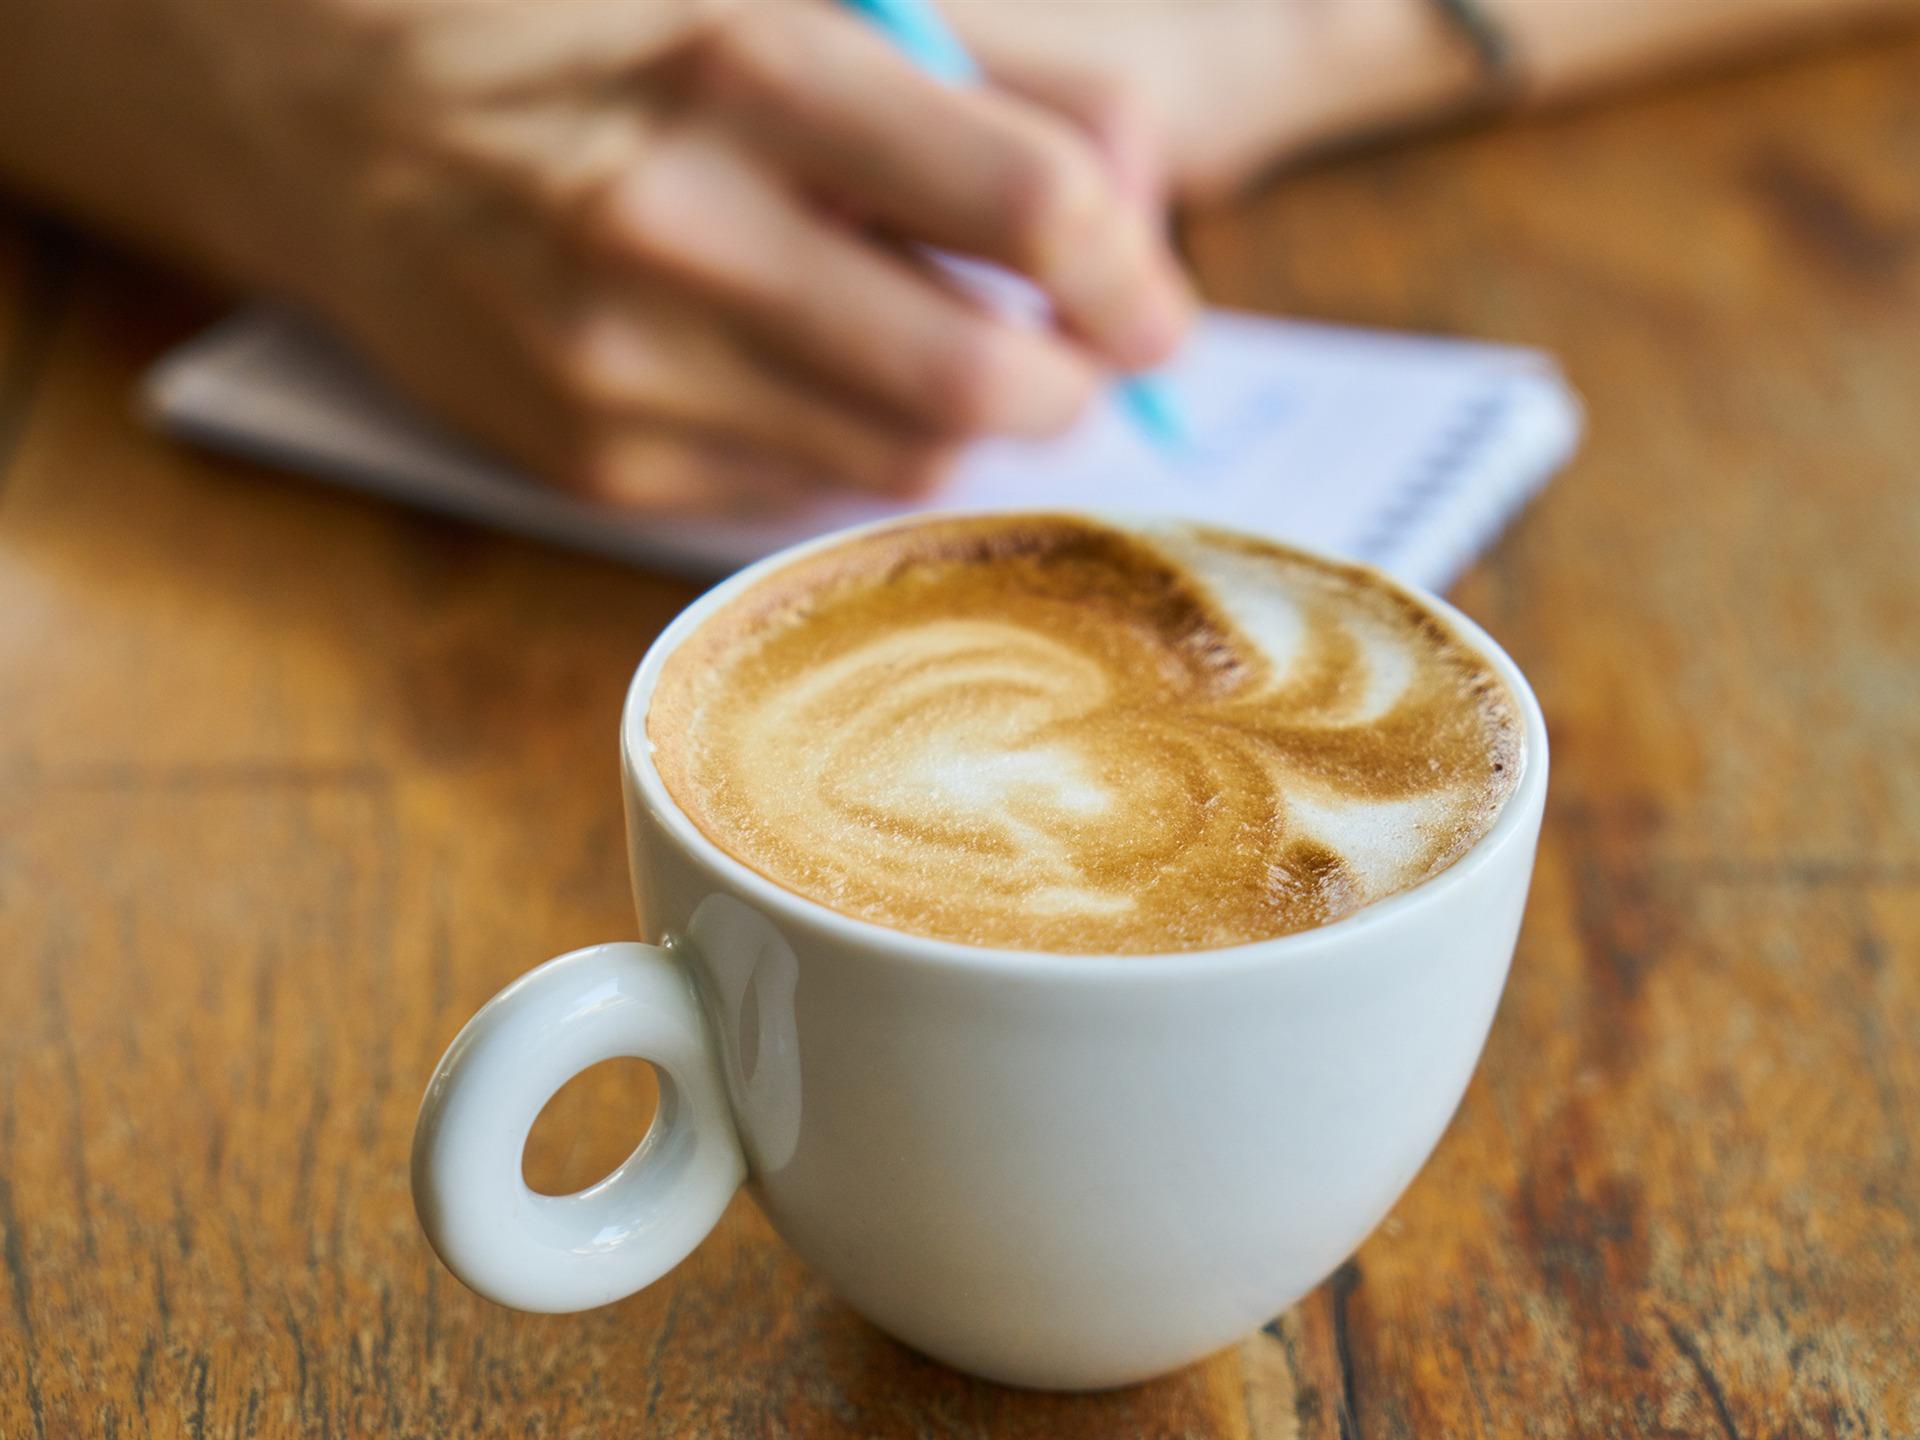 アフタヌーンティードリンクコーヒー17高品質の壁紙プレビュー 10wallpaper Com